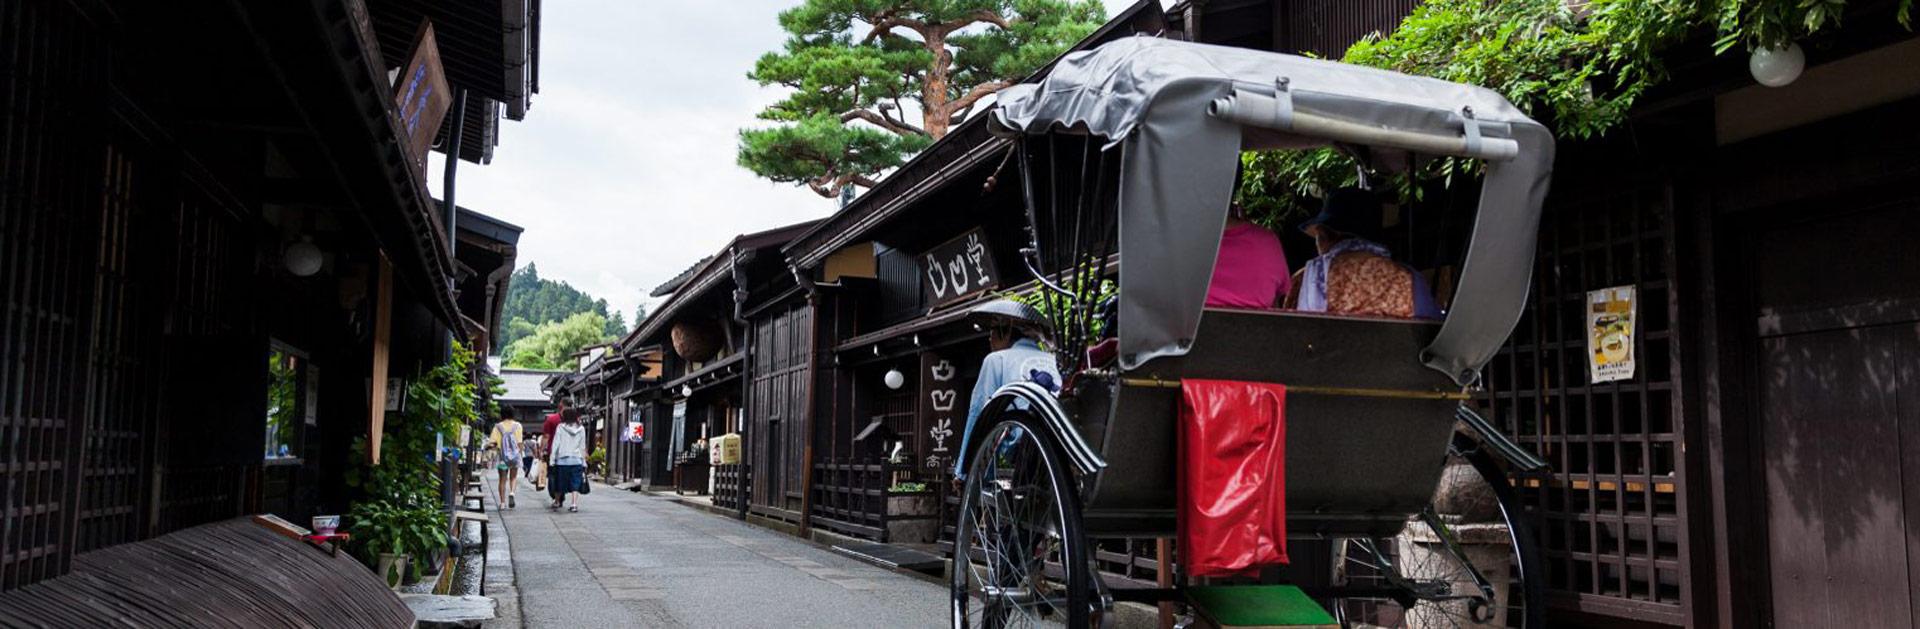 X Takayama MG 6547 1618x500 1